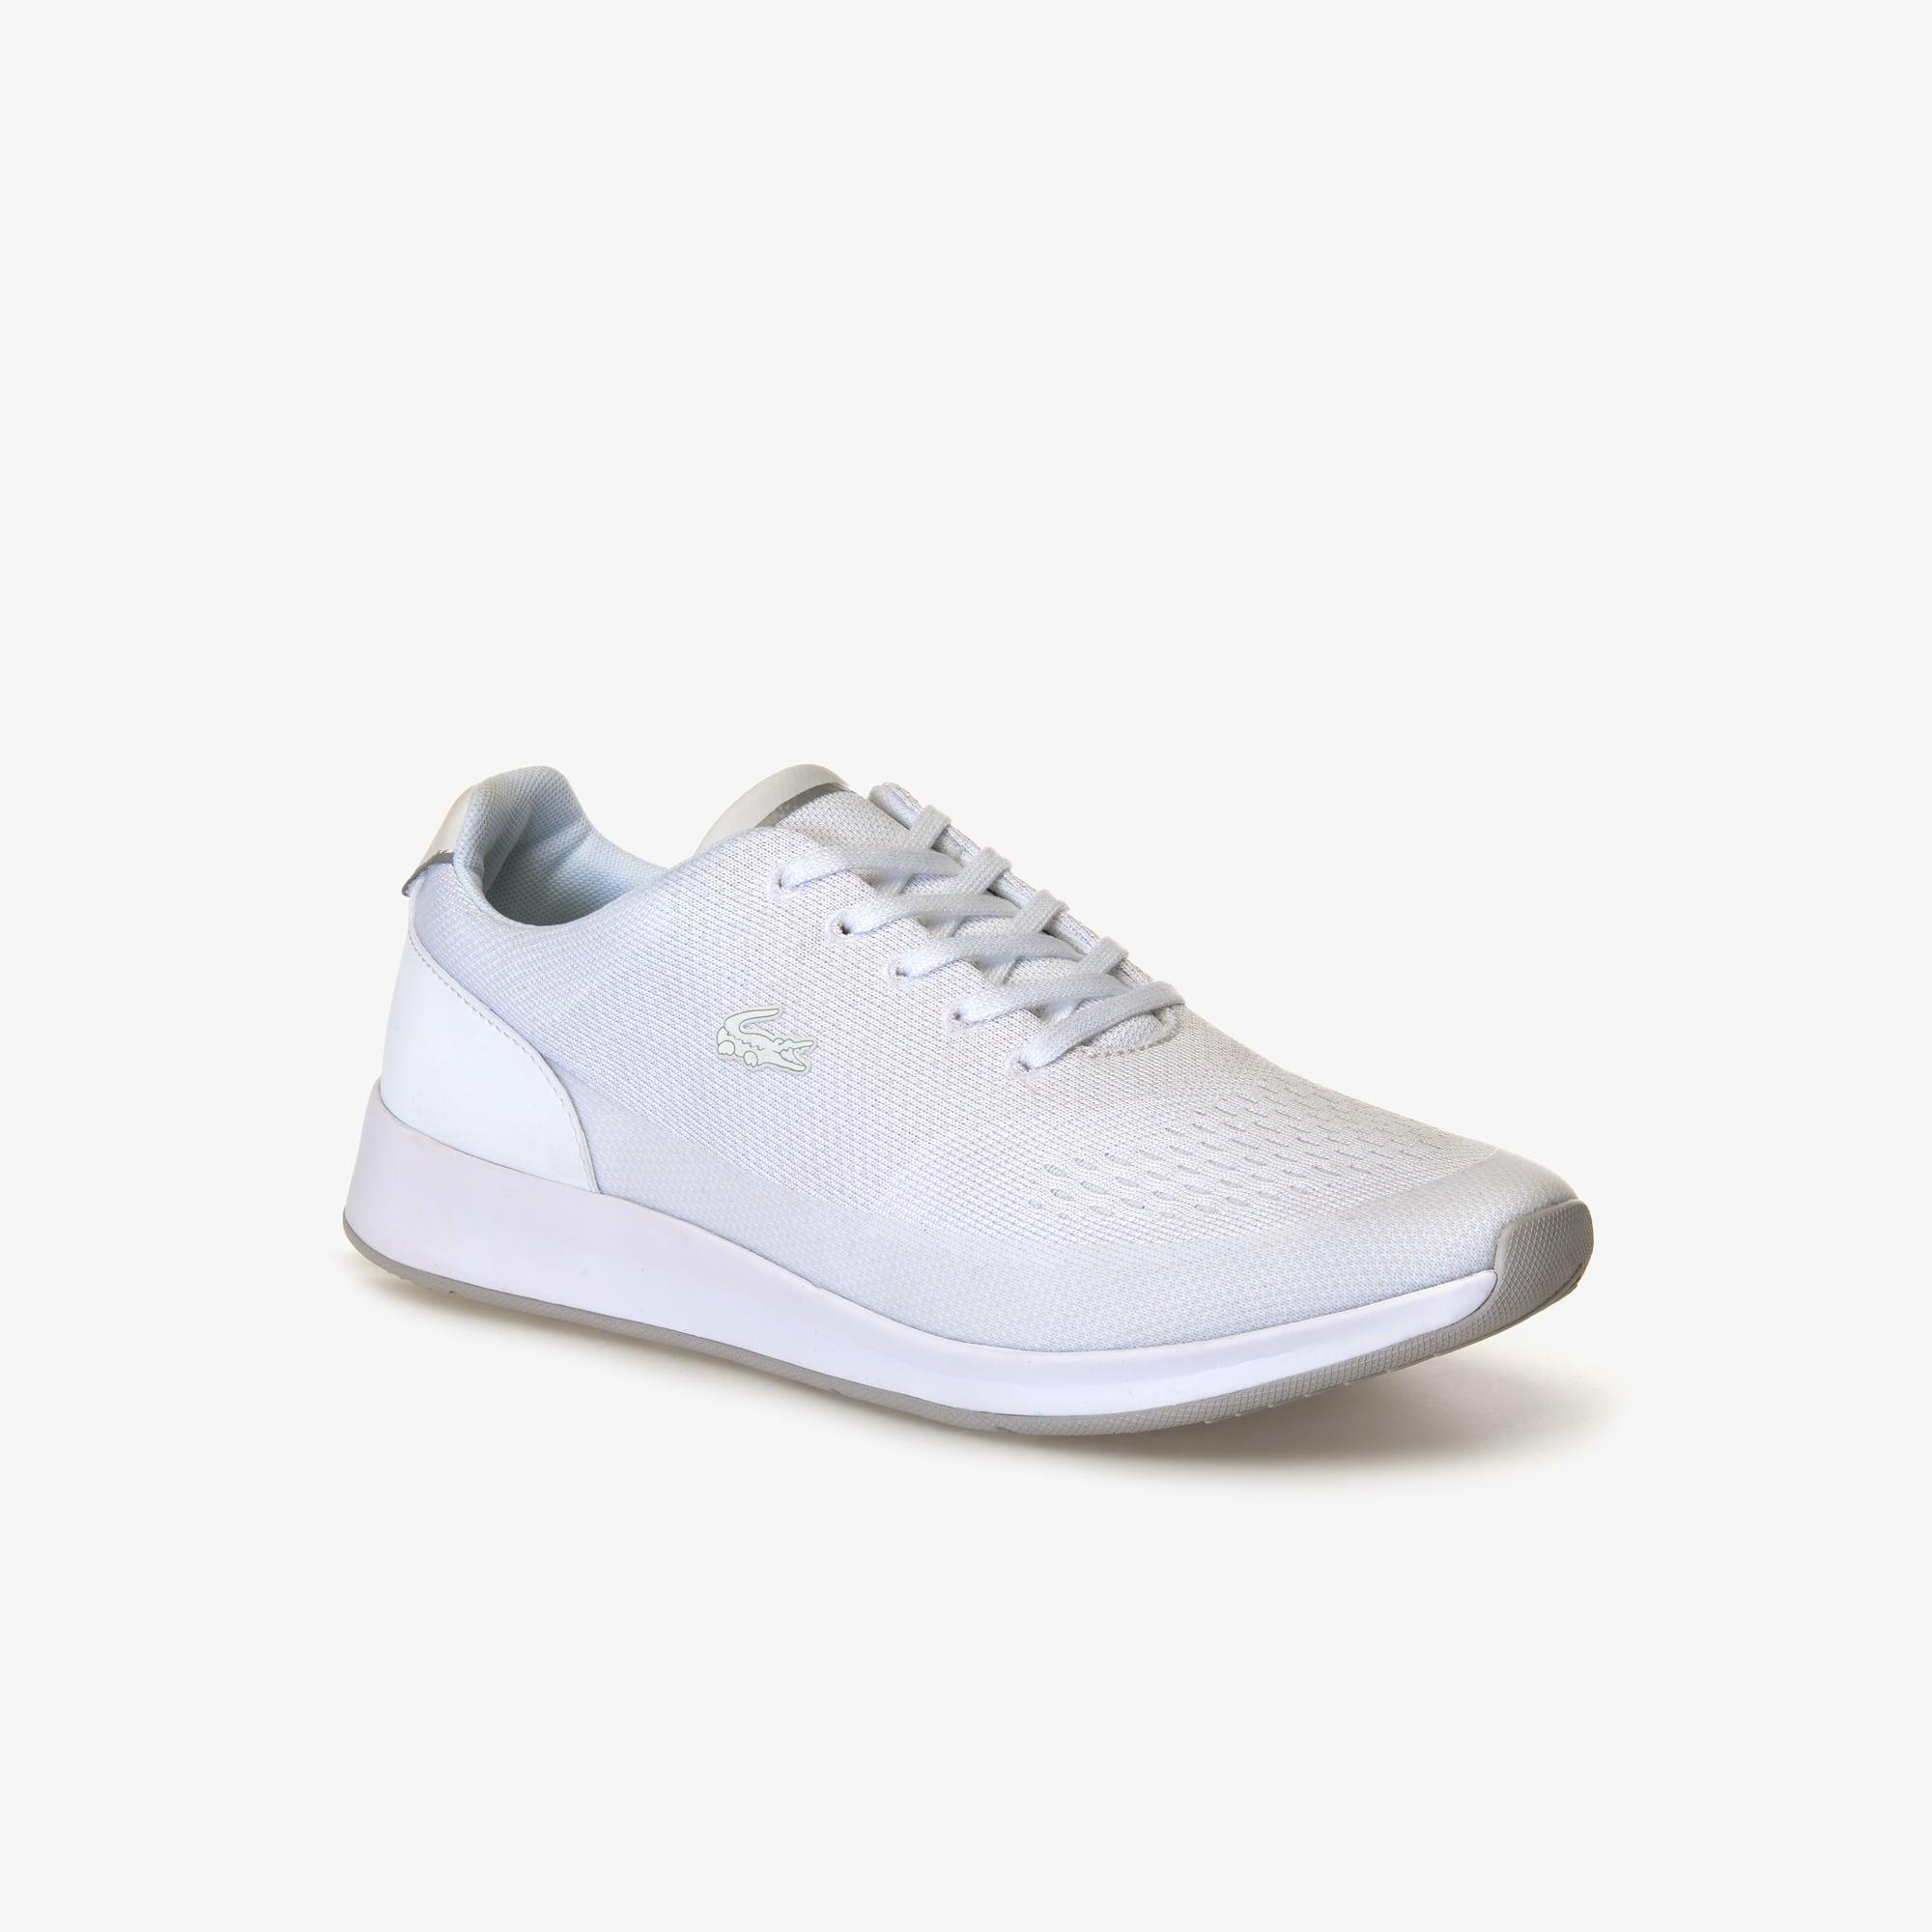 Sneakers Chaumont en textile imprimé